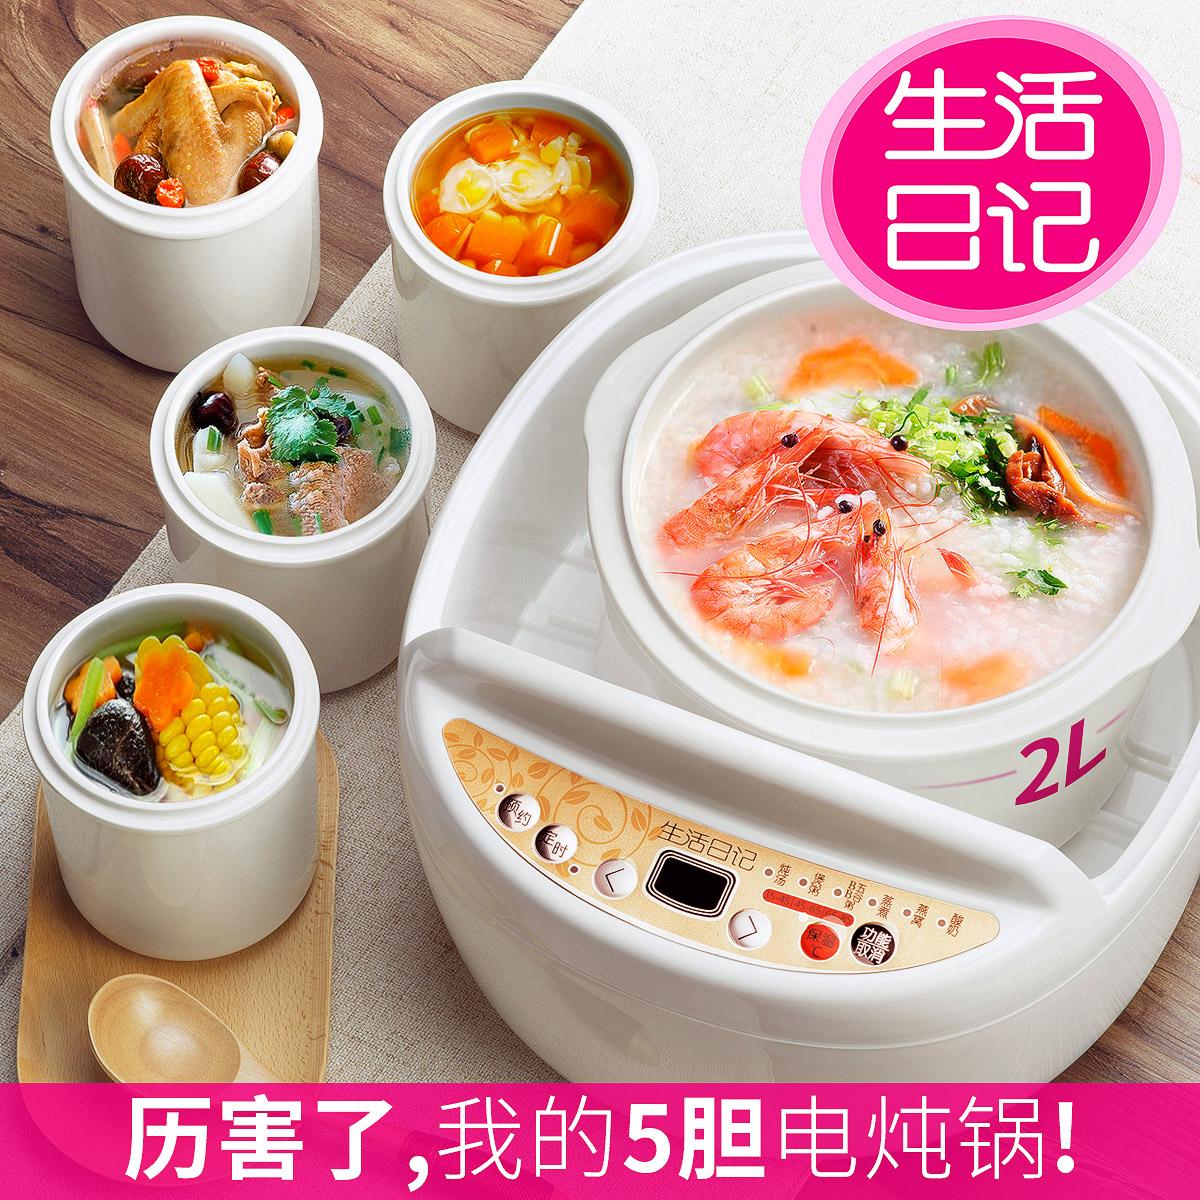 炖锅电陶瓷锅电汤锅